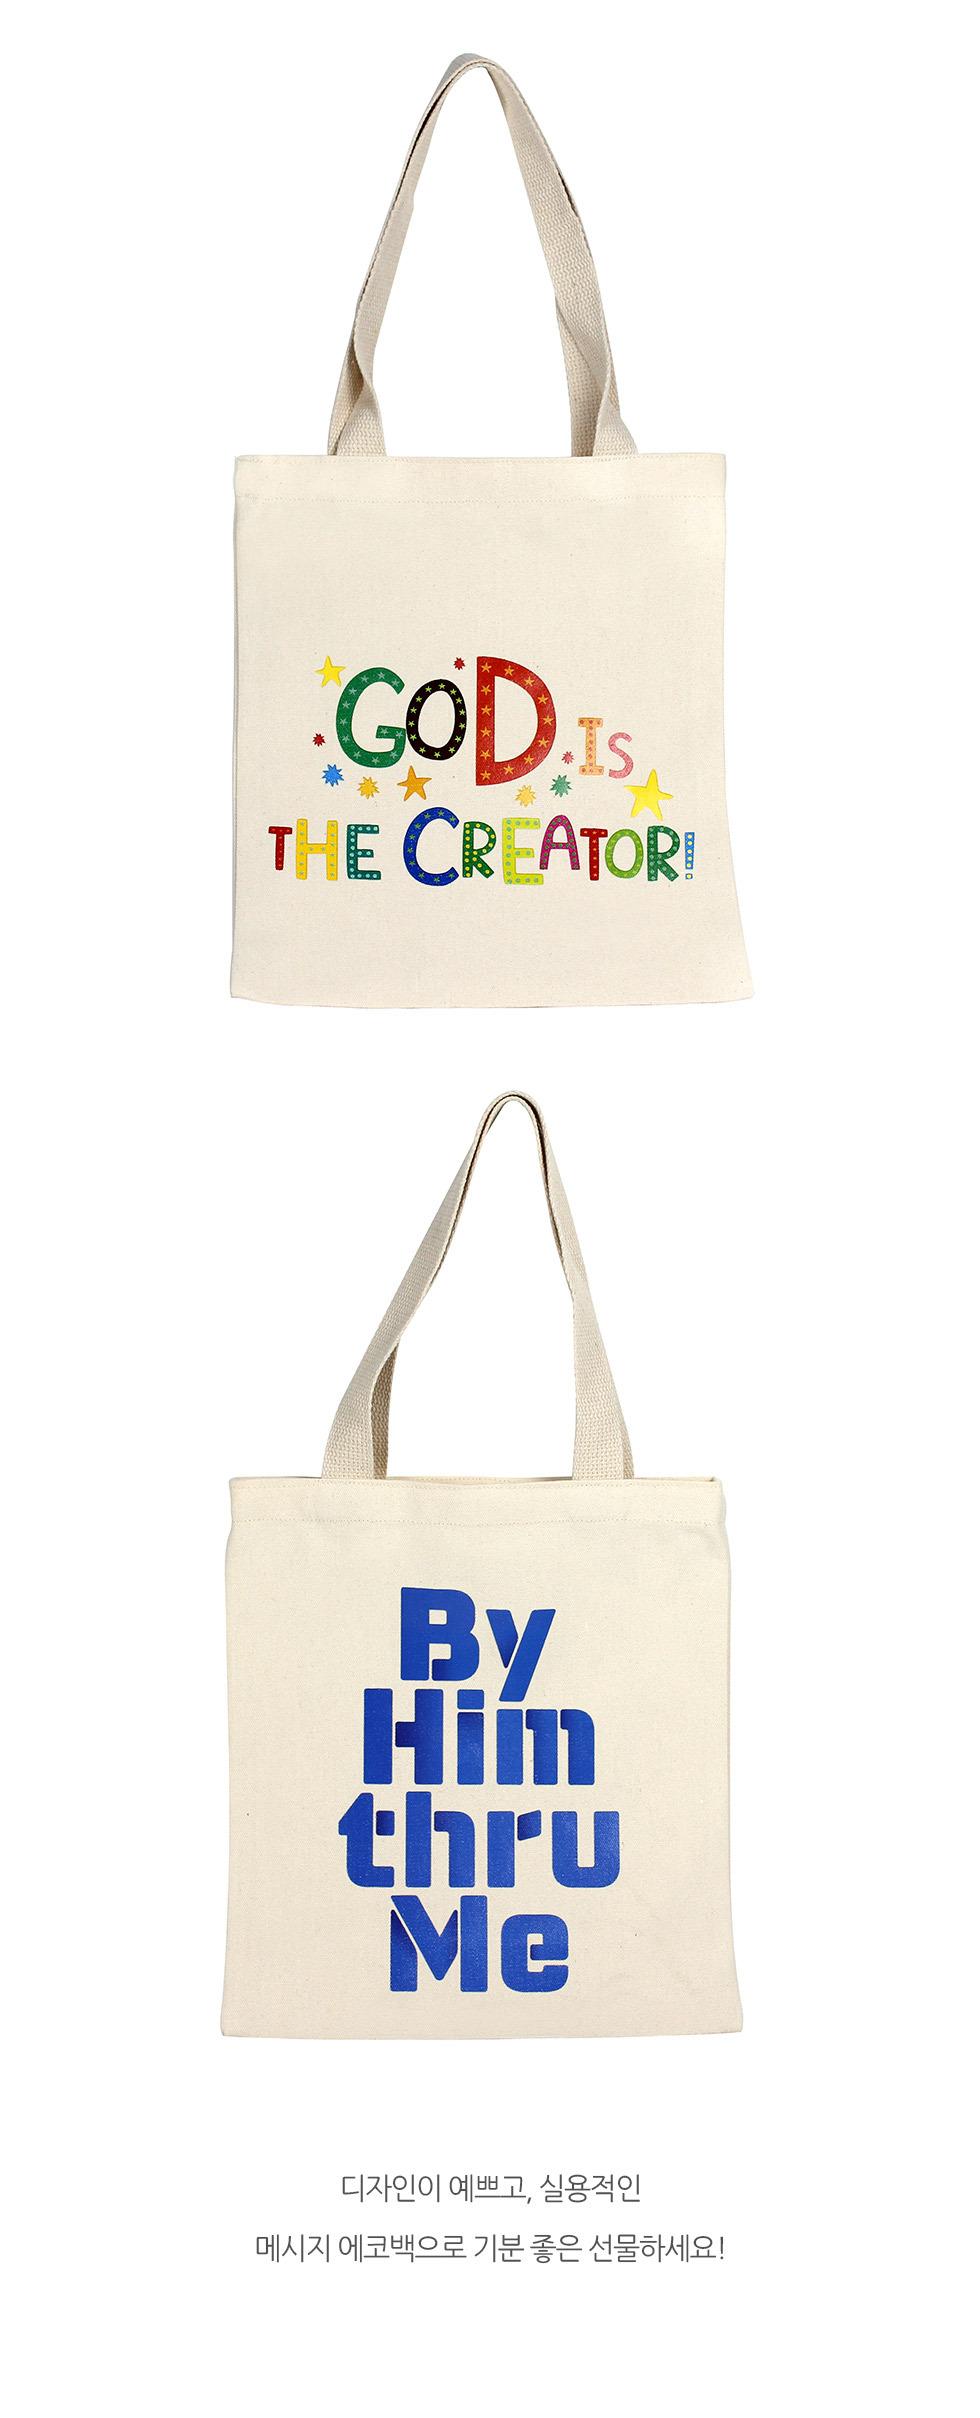 메시지 에코백 God is the Creator (갓이즈크리에이터) 창조주하나님, 고신교단, 고려신학 디자인이 예쁘고 실용적인 메시지에코백